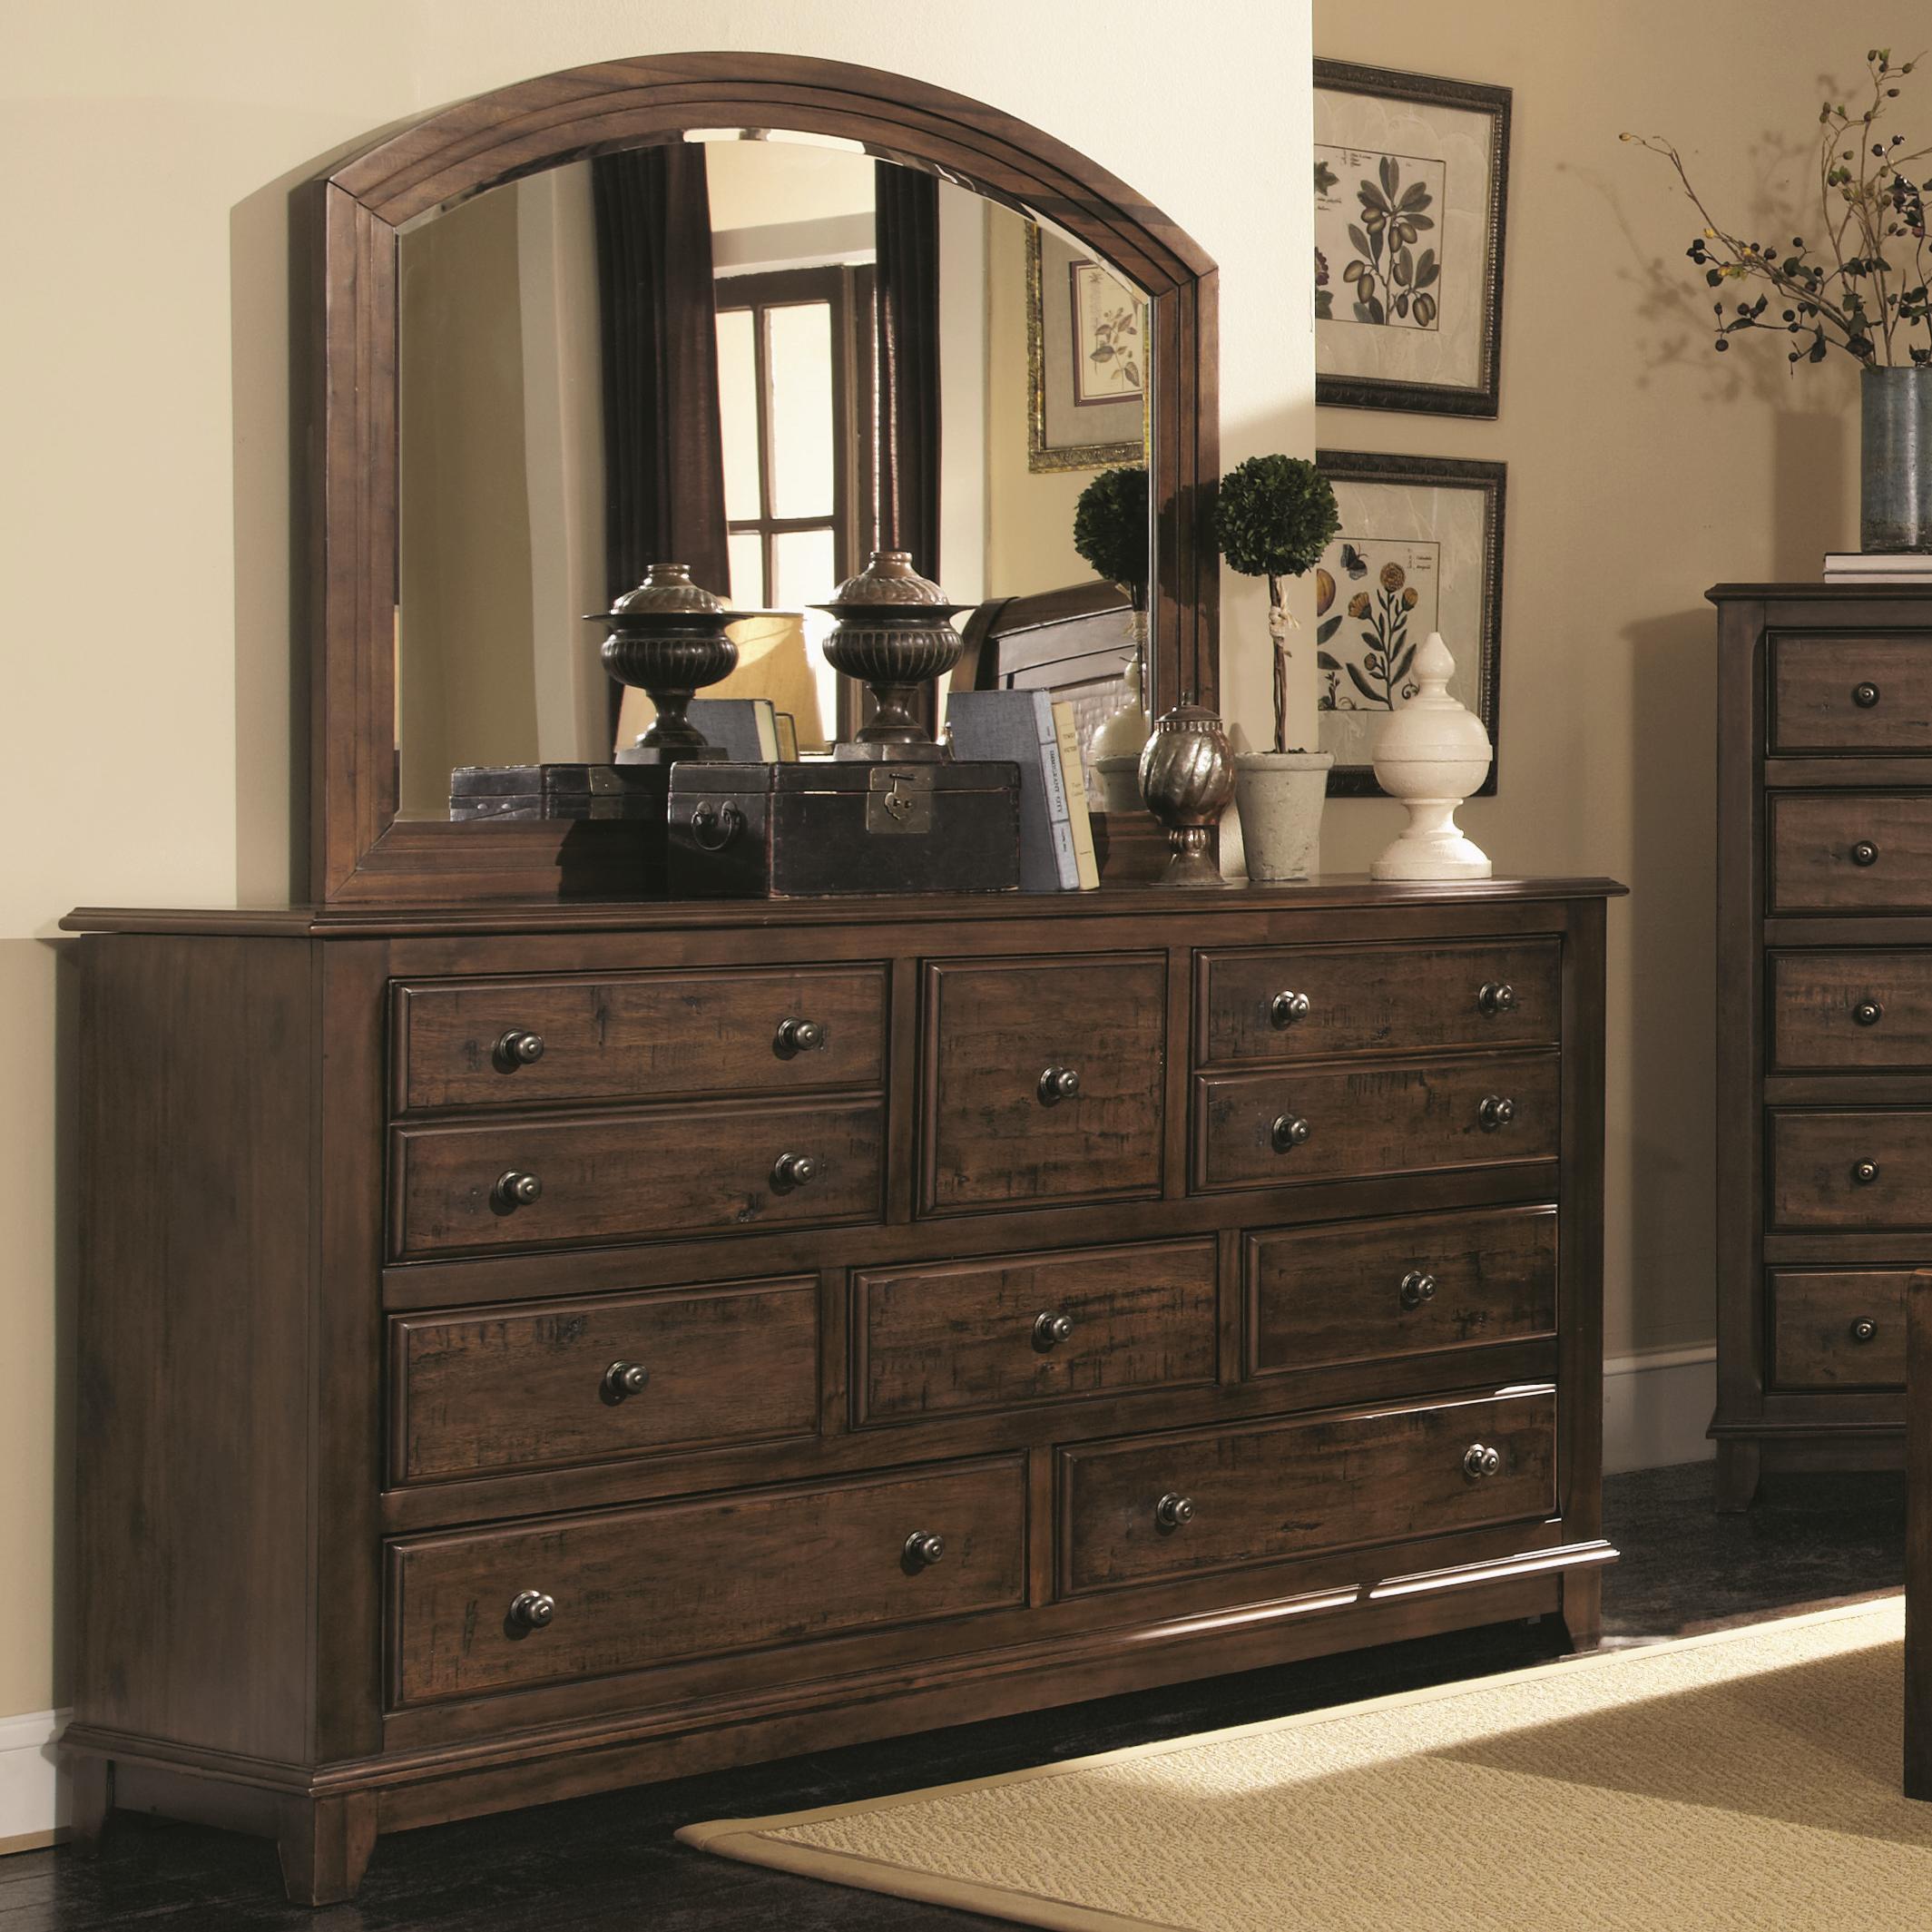 Coaster Laughton Dresser and Mirror - Item Number: 203263+64